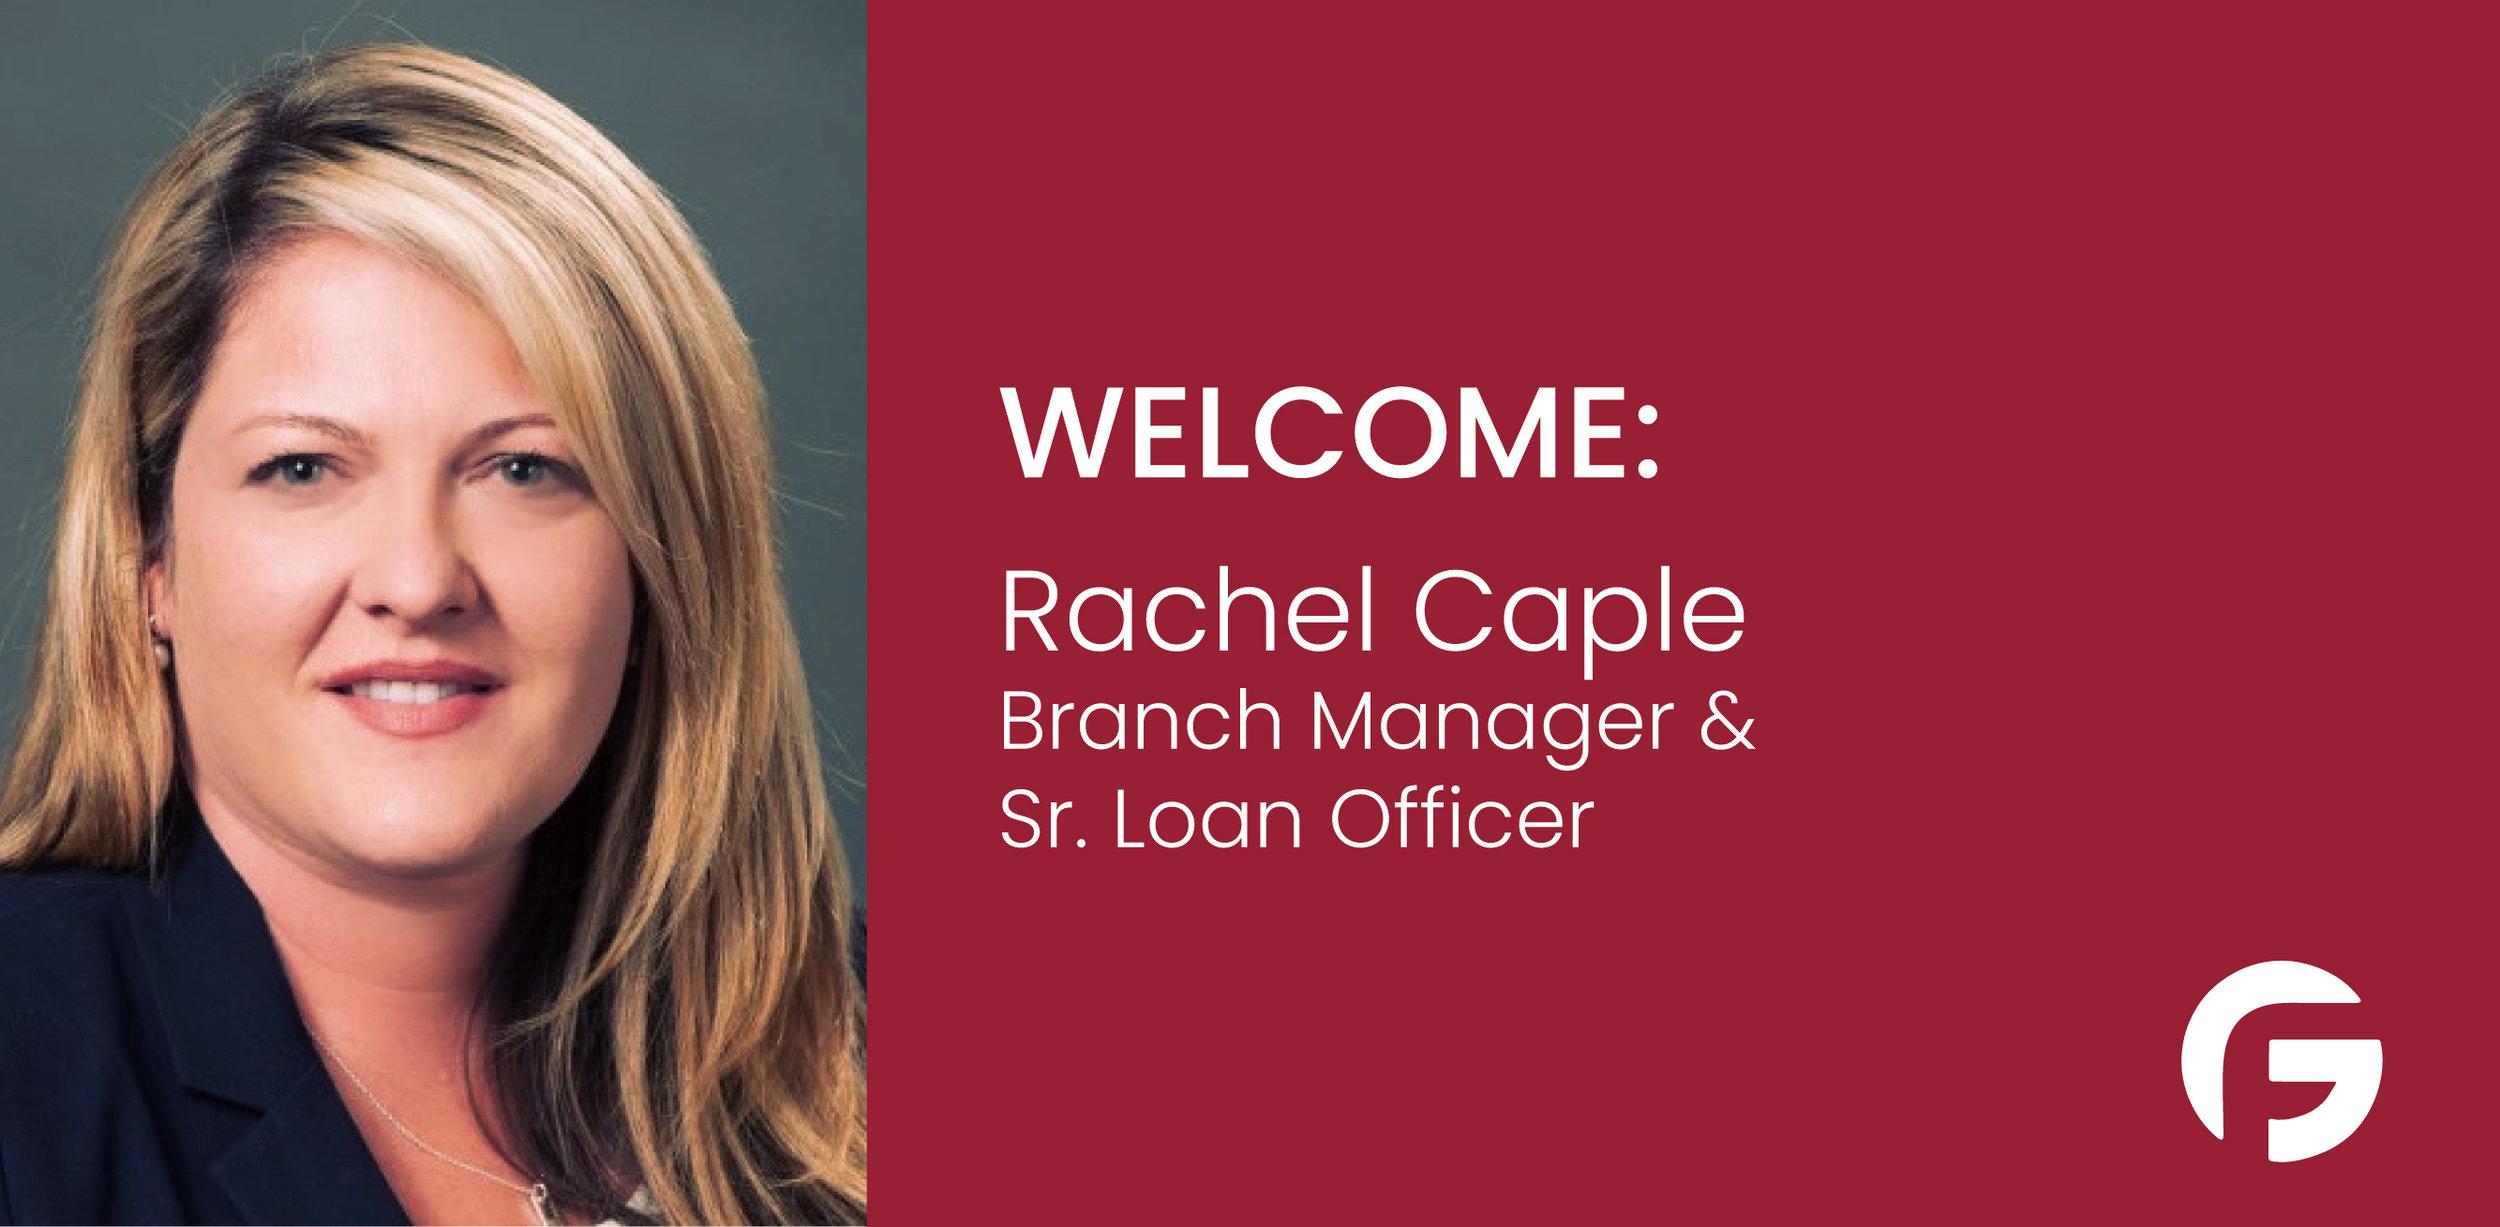 Rachel Caple